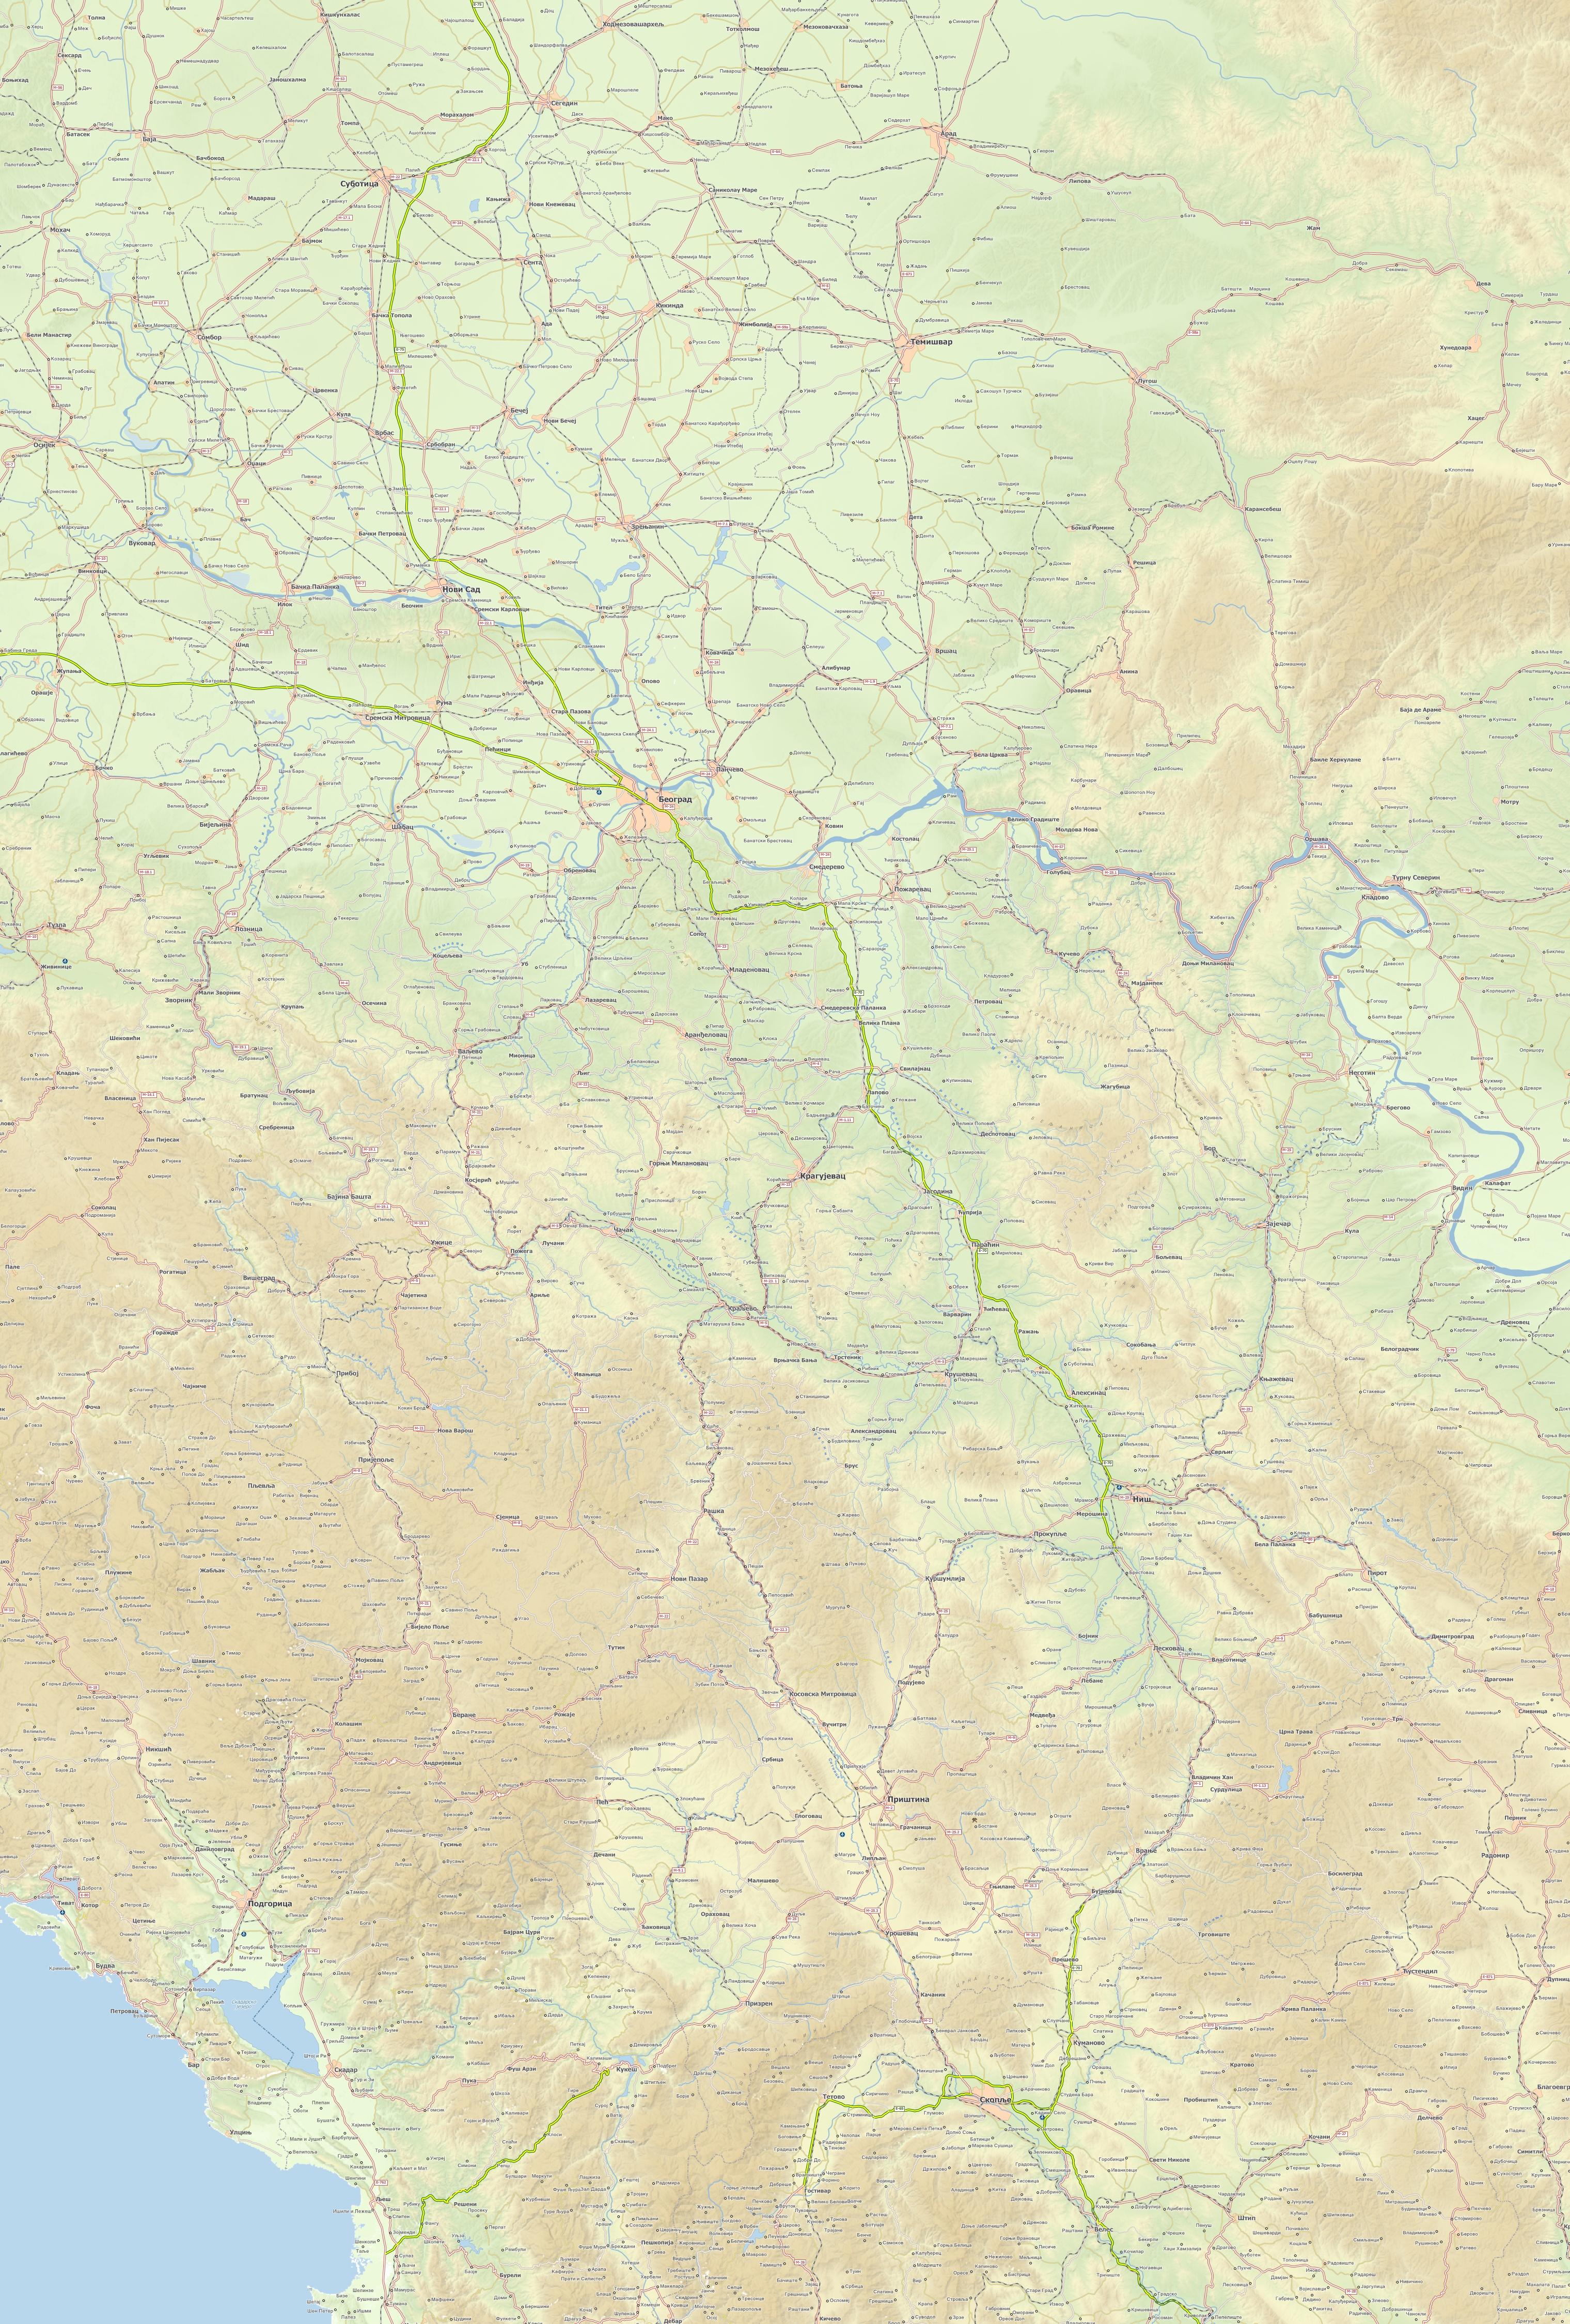 Udaljenosti Među Gradovima I Planer Putovanja Udaljenosti Com